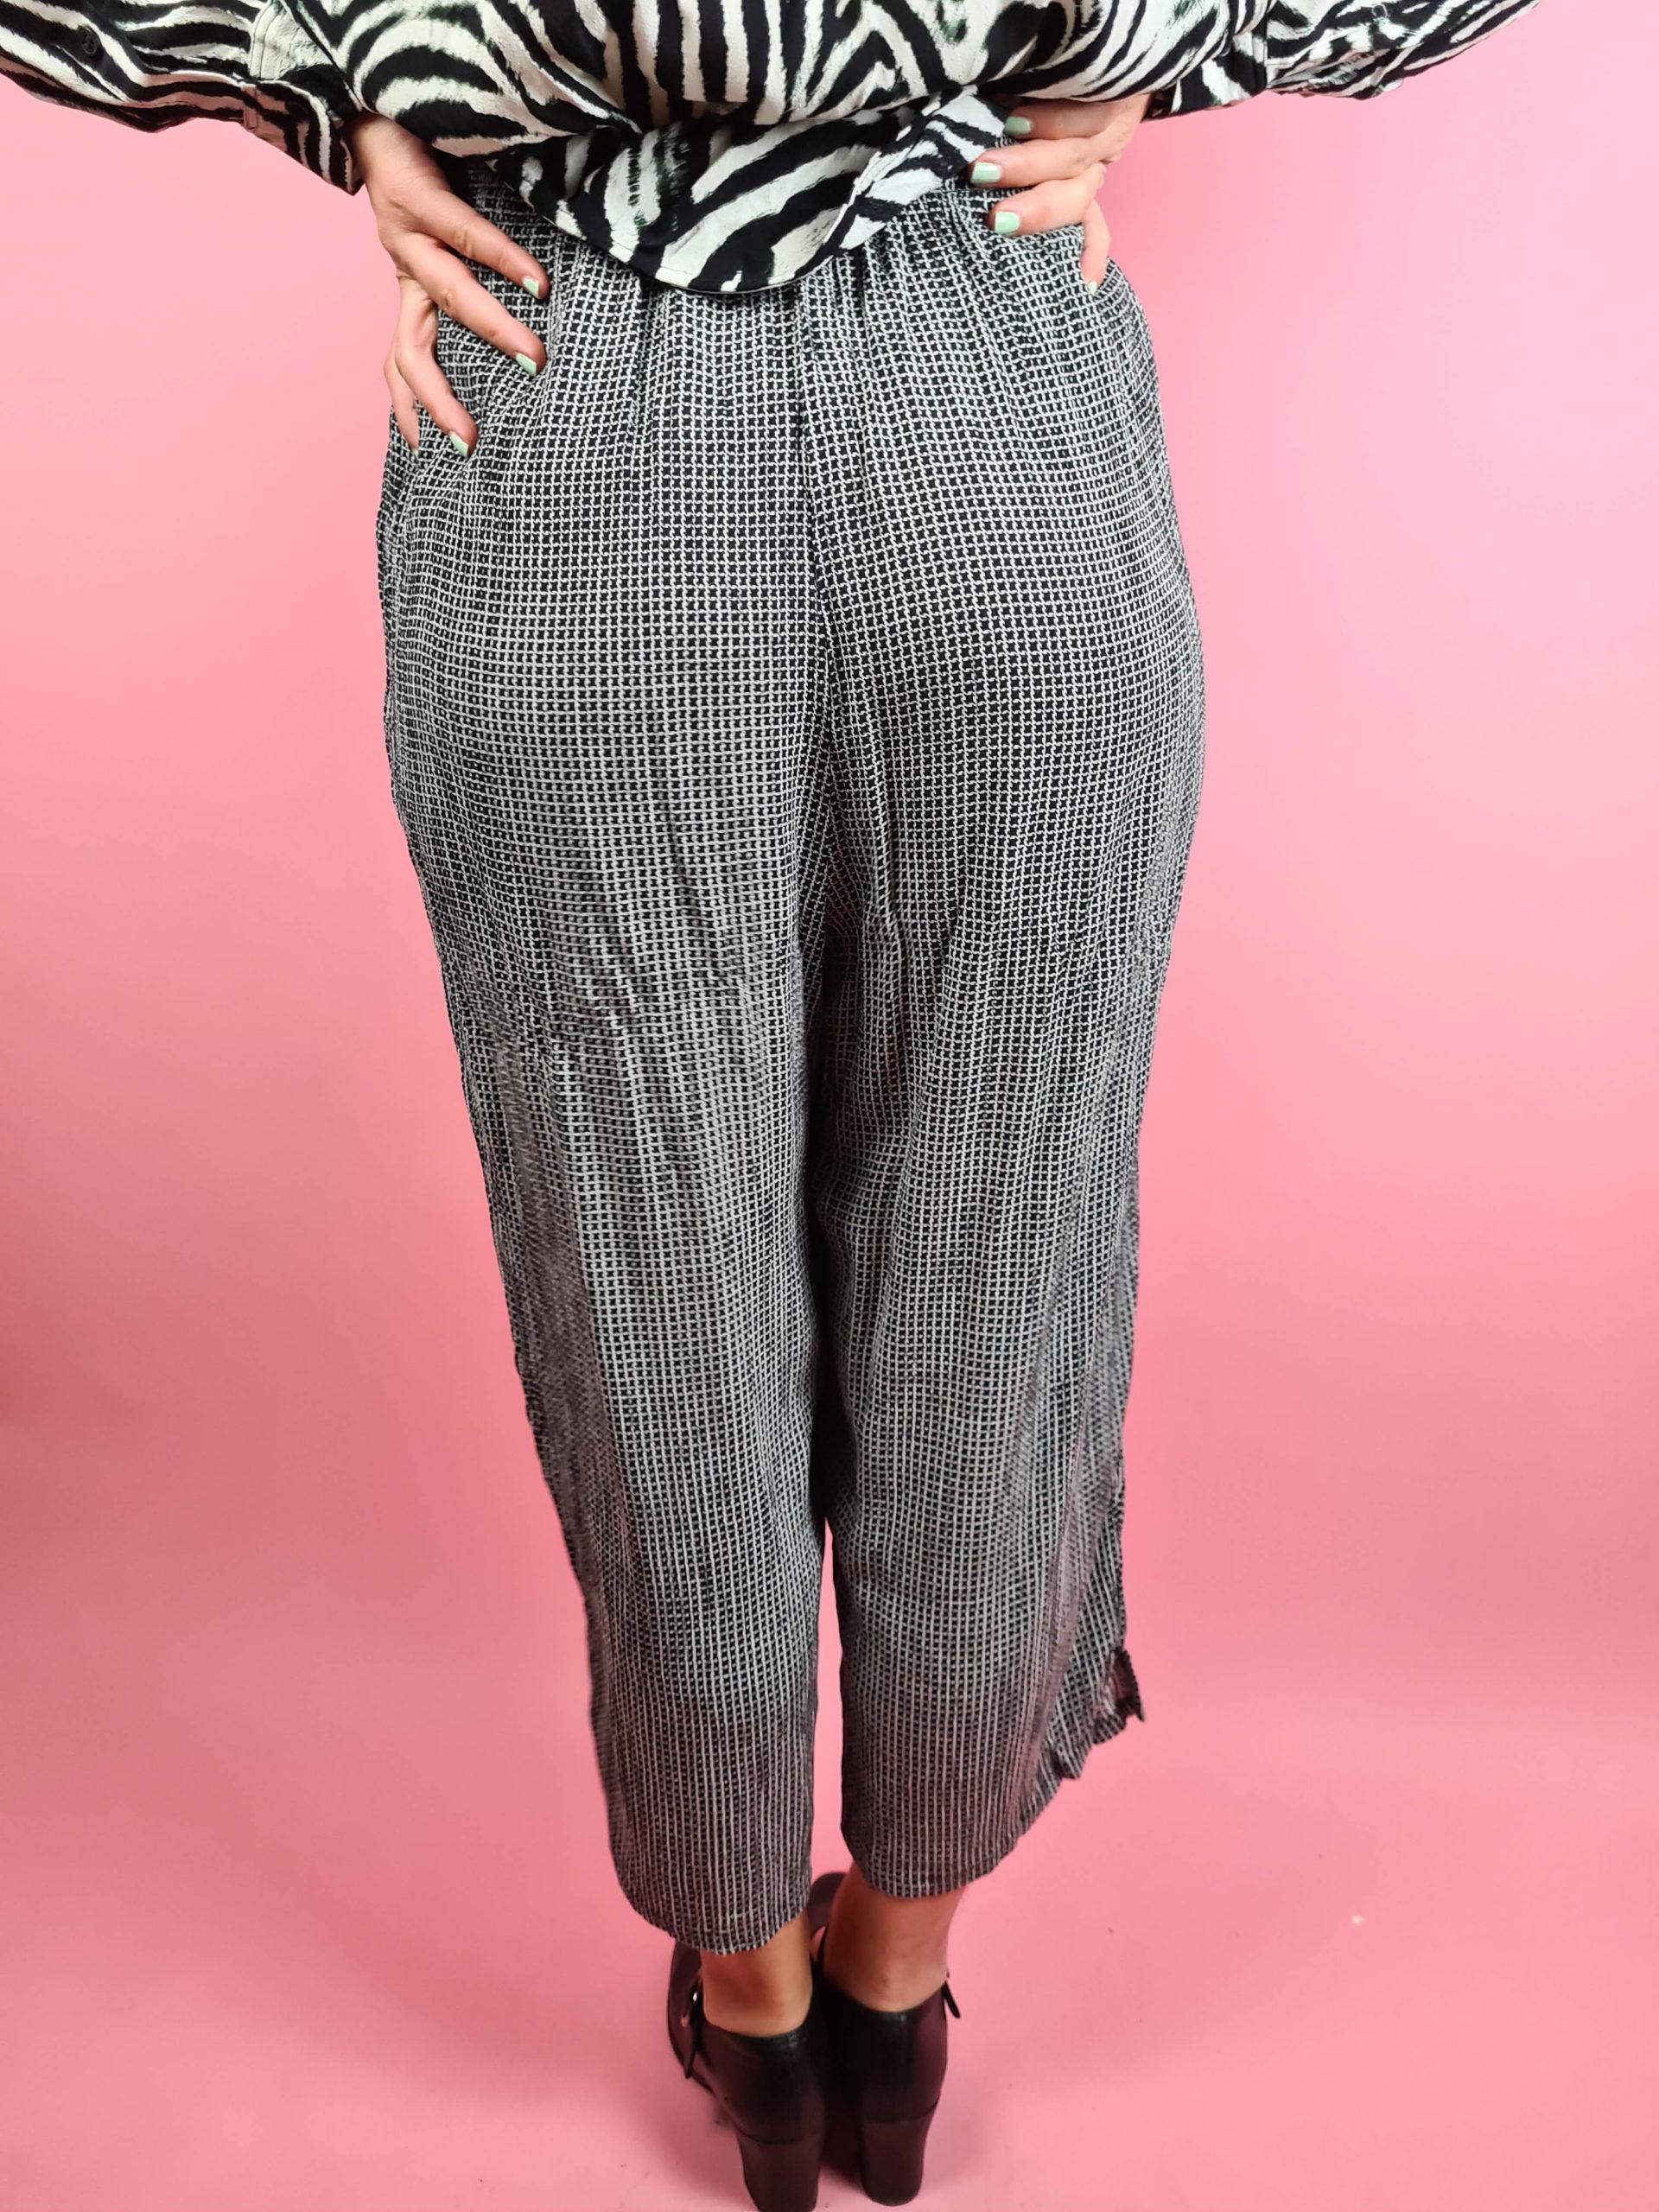 pantalon fluide noir et blanc (5)